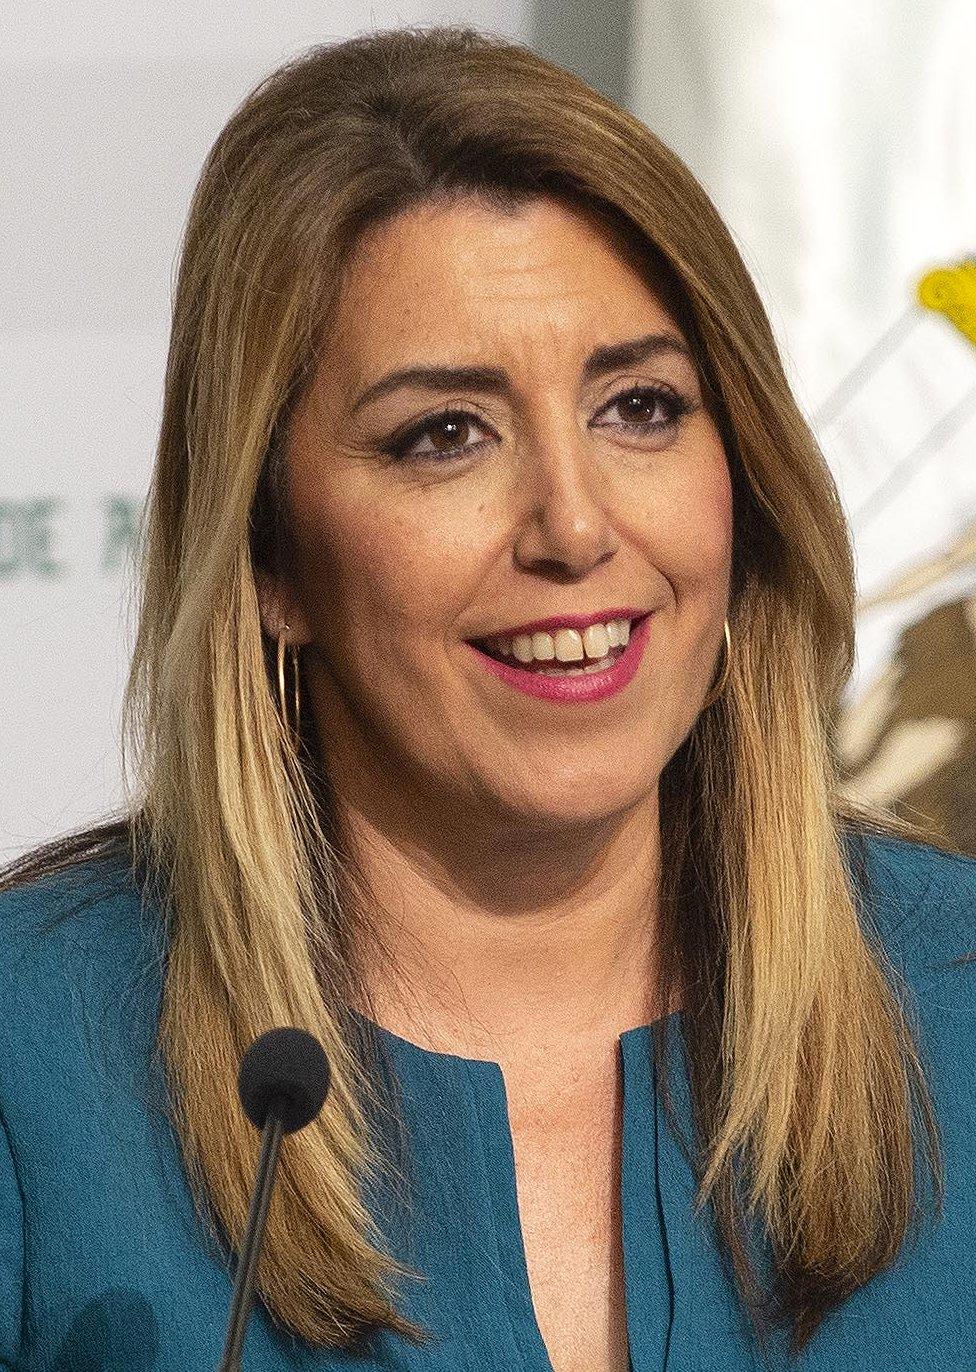 Susana Díaz - Wikipedia